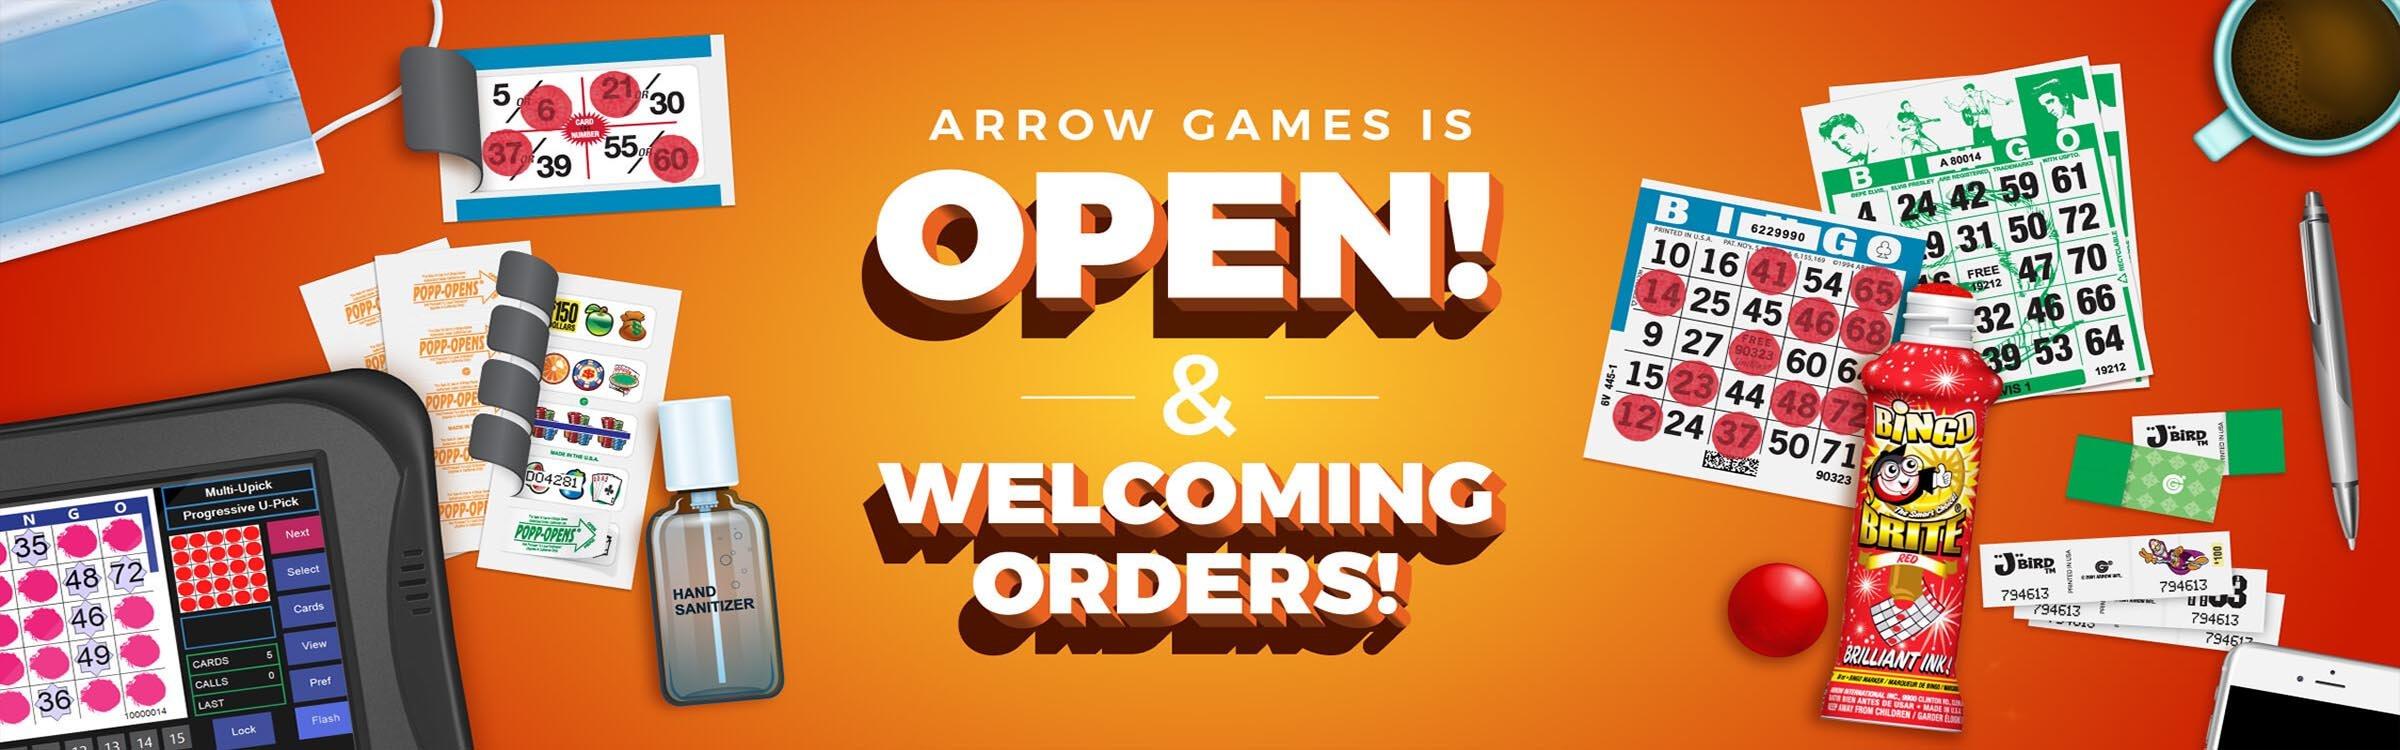 Arrow Games is Open